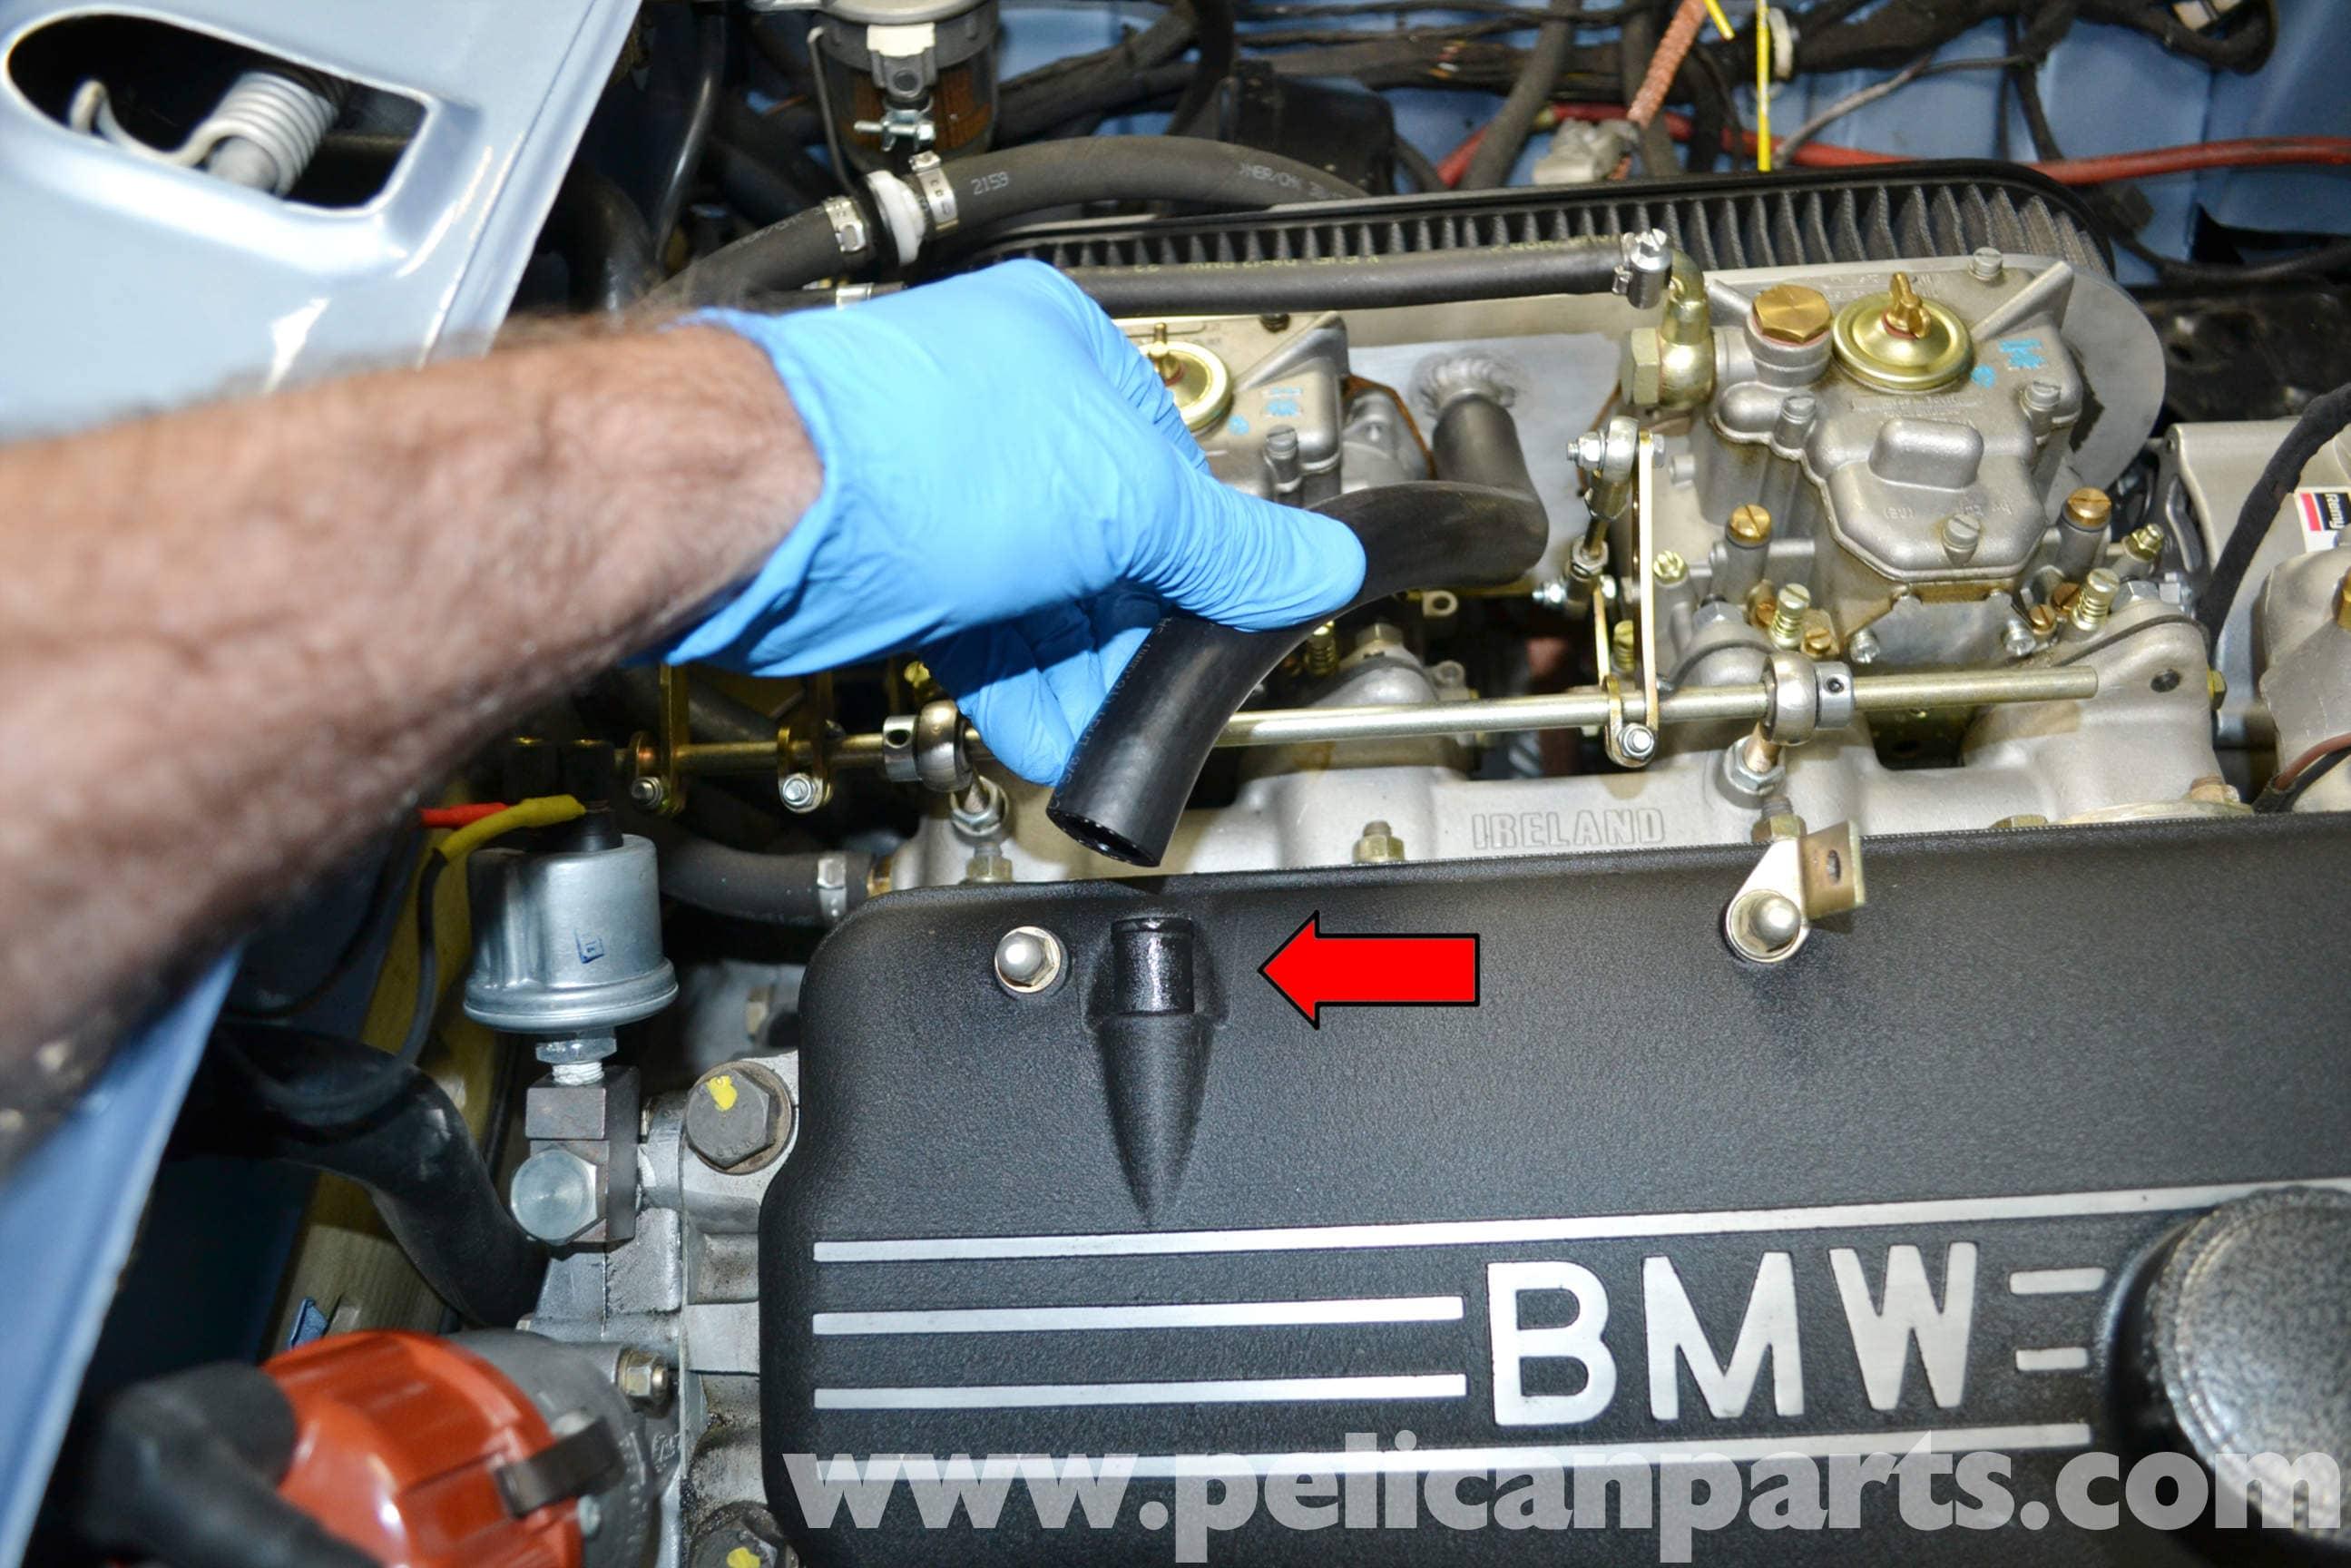 BMW 2002 Valve Cover Gasket Removal (1966-1976)   Pelican Parts DIY ...